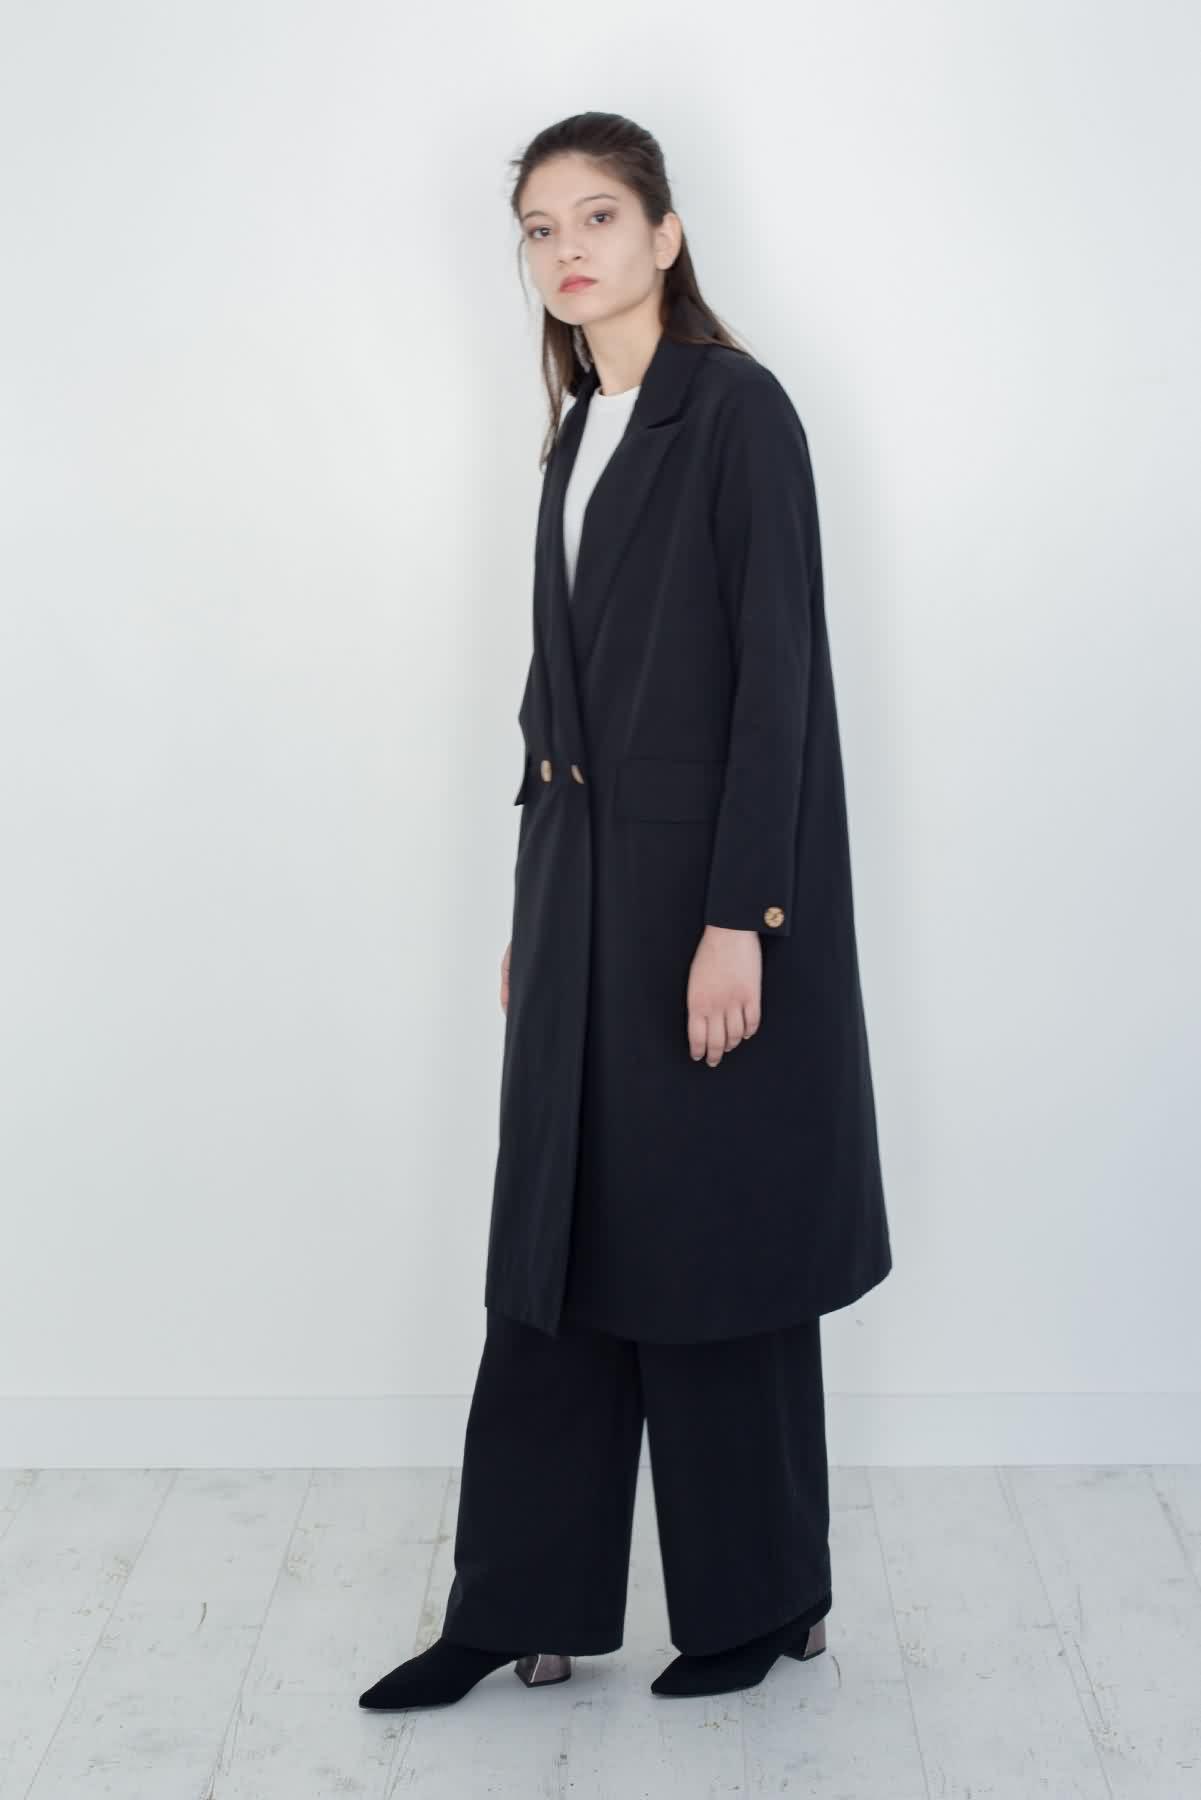 Mevra - Uzun Astarlı Ceket Siyah